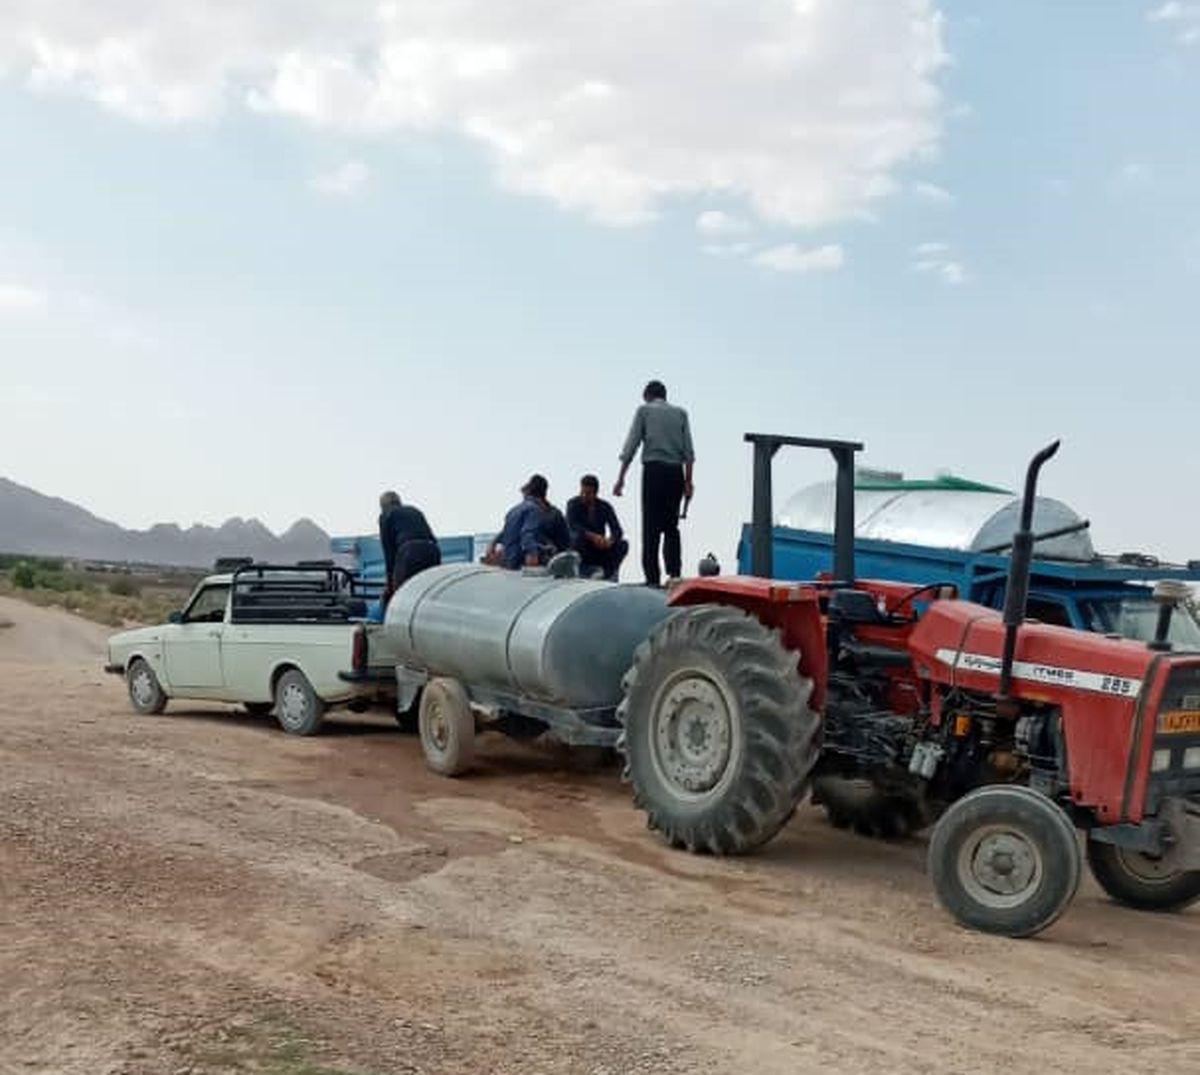 کشف سرقت 55000 مترمکعبی آب از خط آبرسانی شرق اصفهان